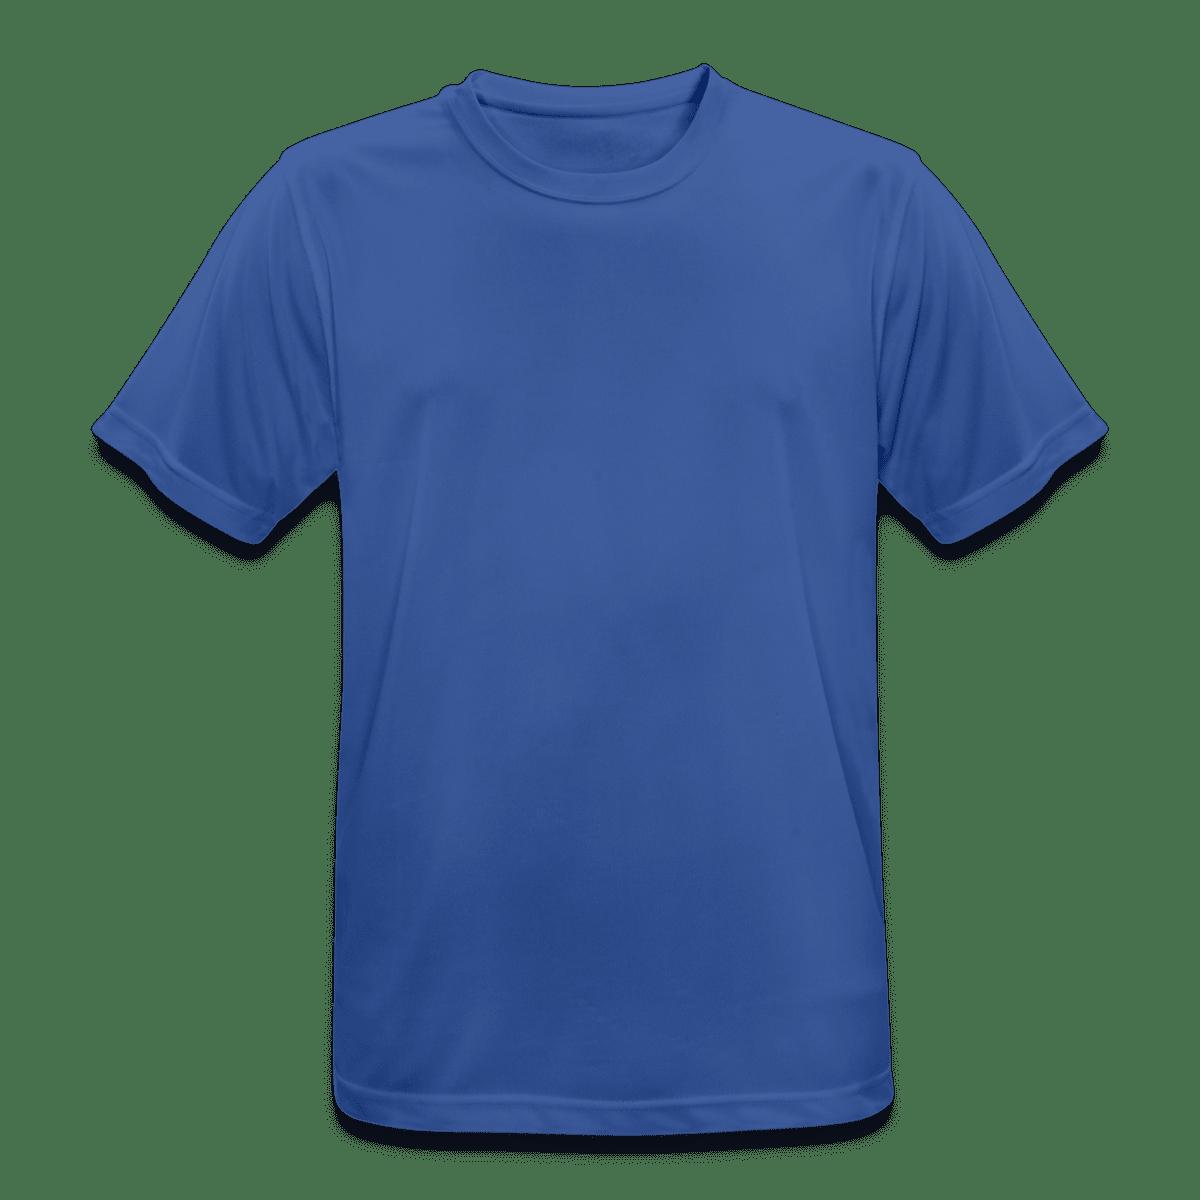 Männer T Shirt atmungsaktiv | TeamShirts